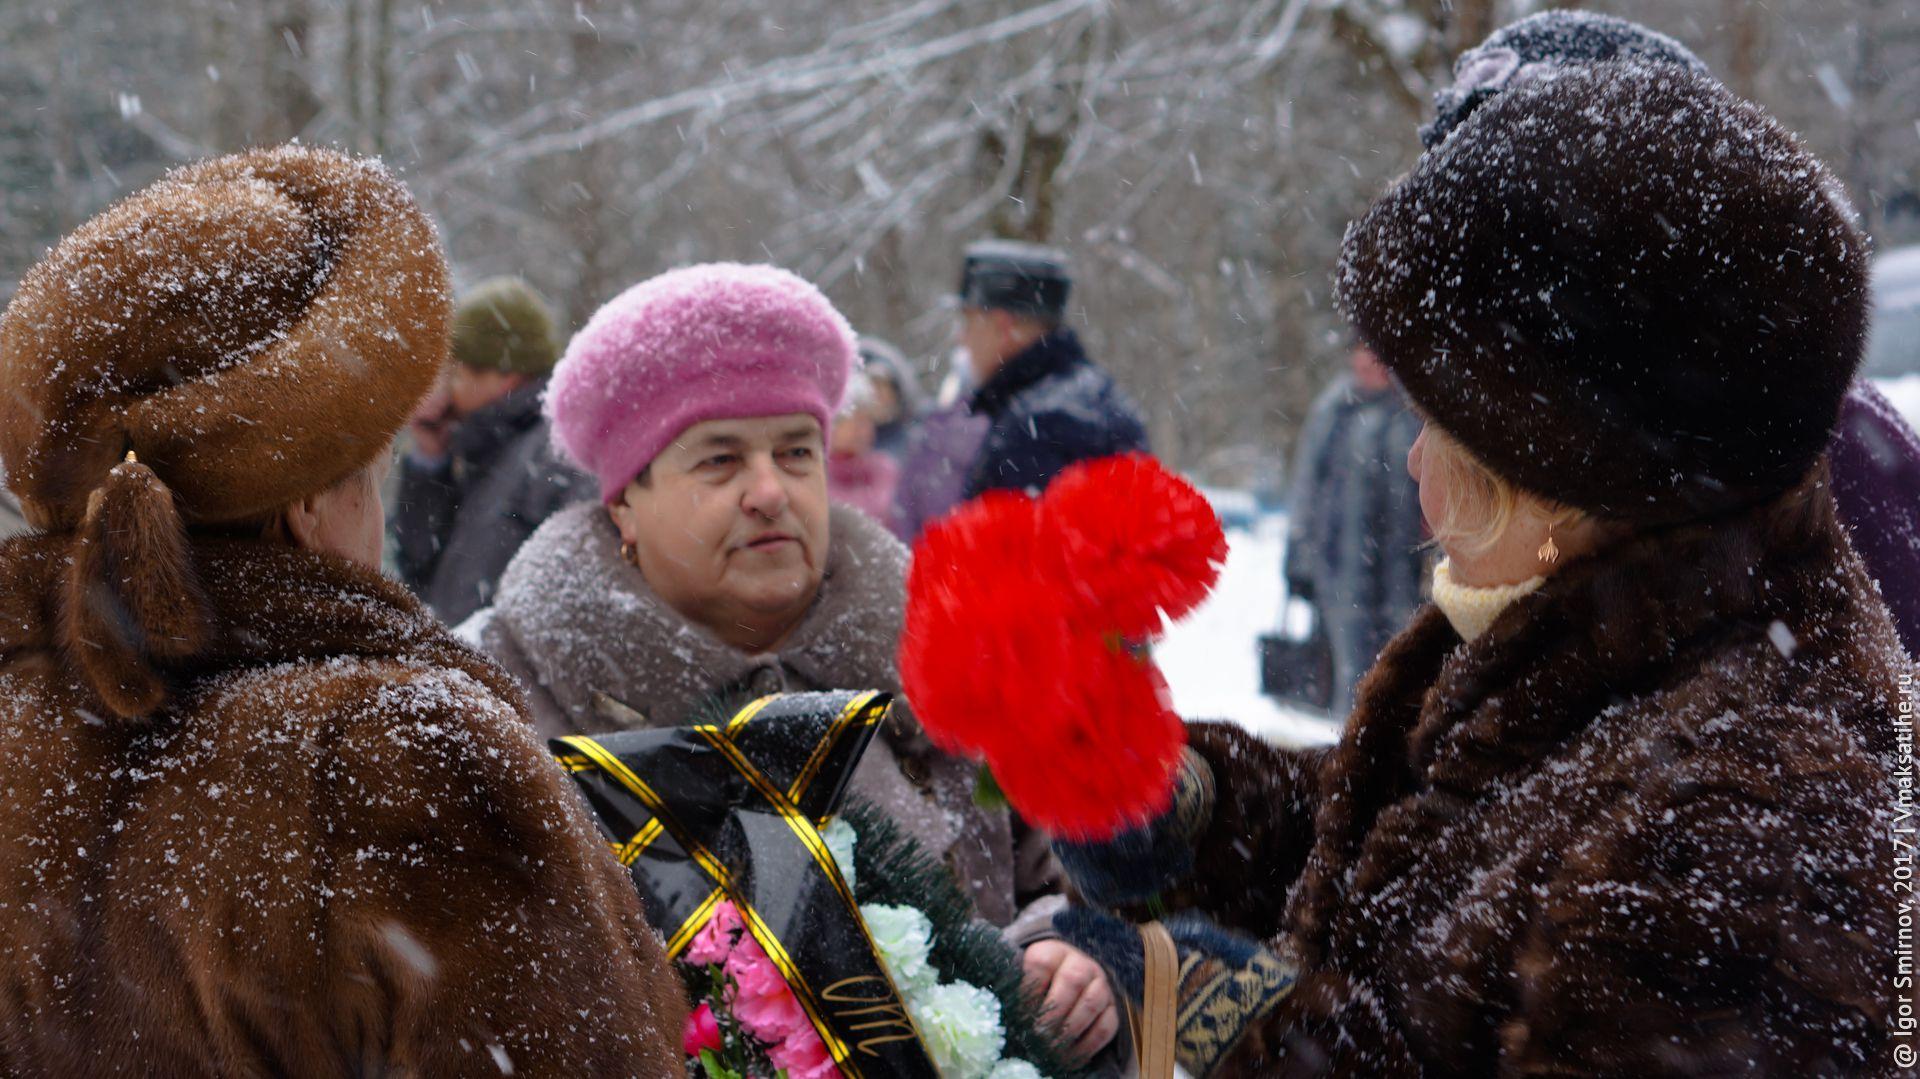 Гаранина Валентина Николаевна на митинге в честь Дня защитника Отечества